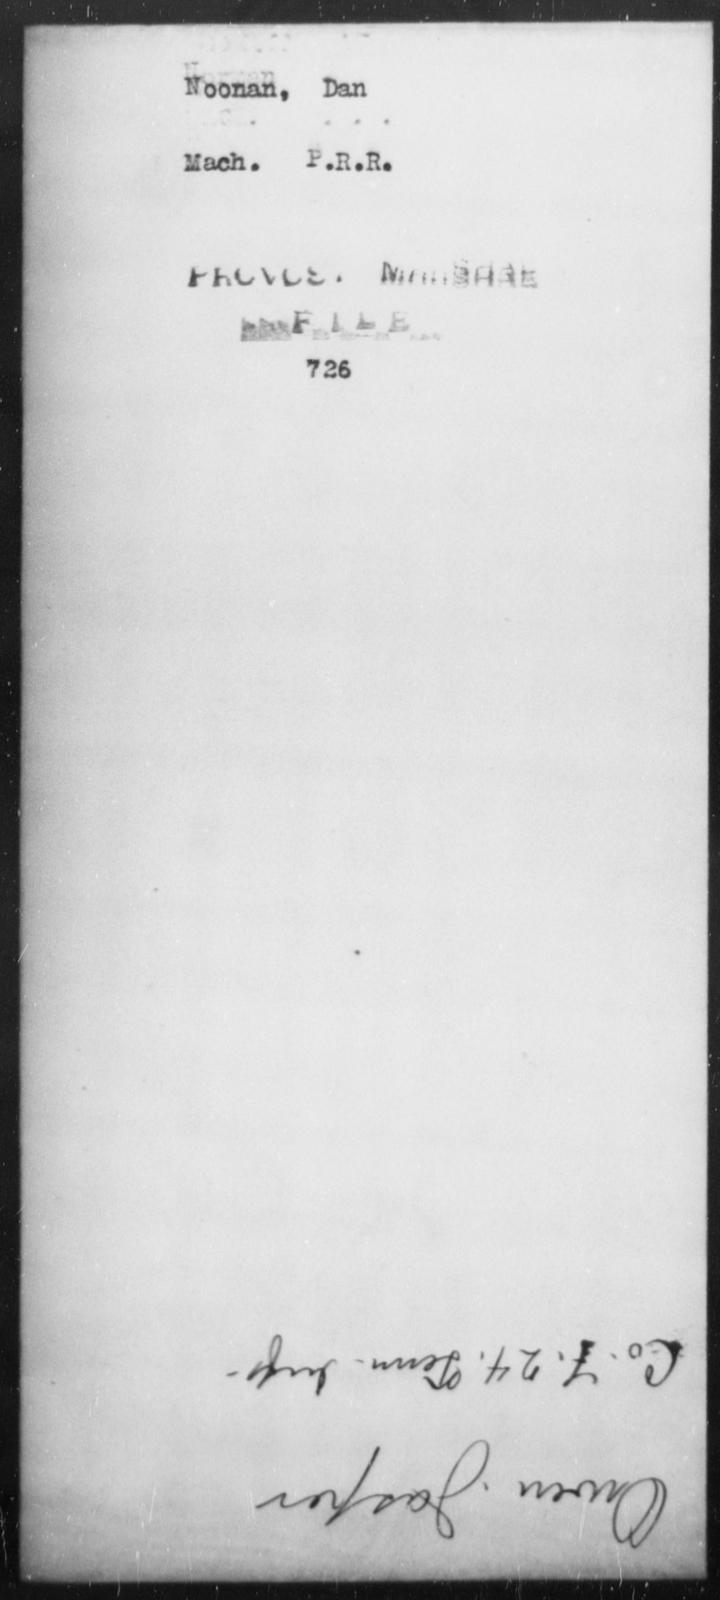 Noonan, Dan - State: [Blank] - Year: [Blank]